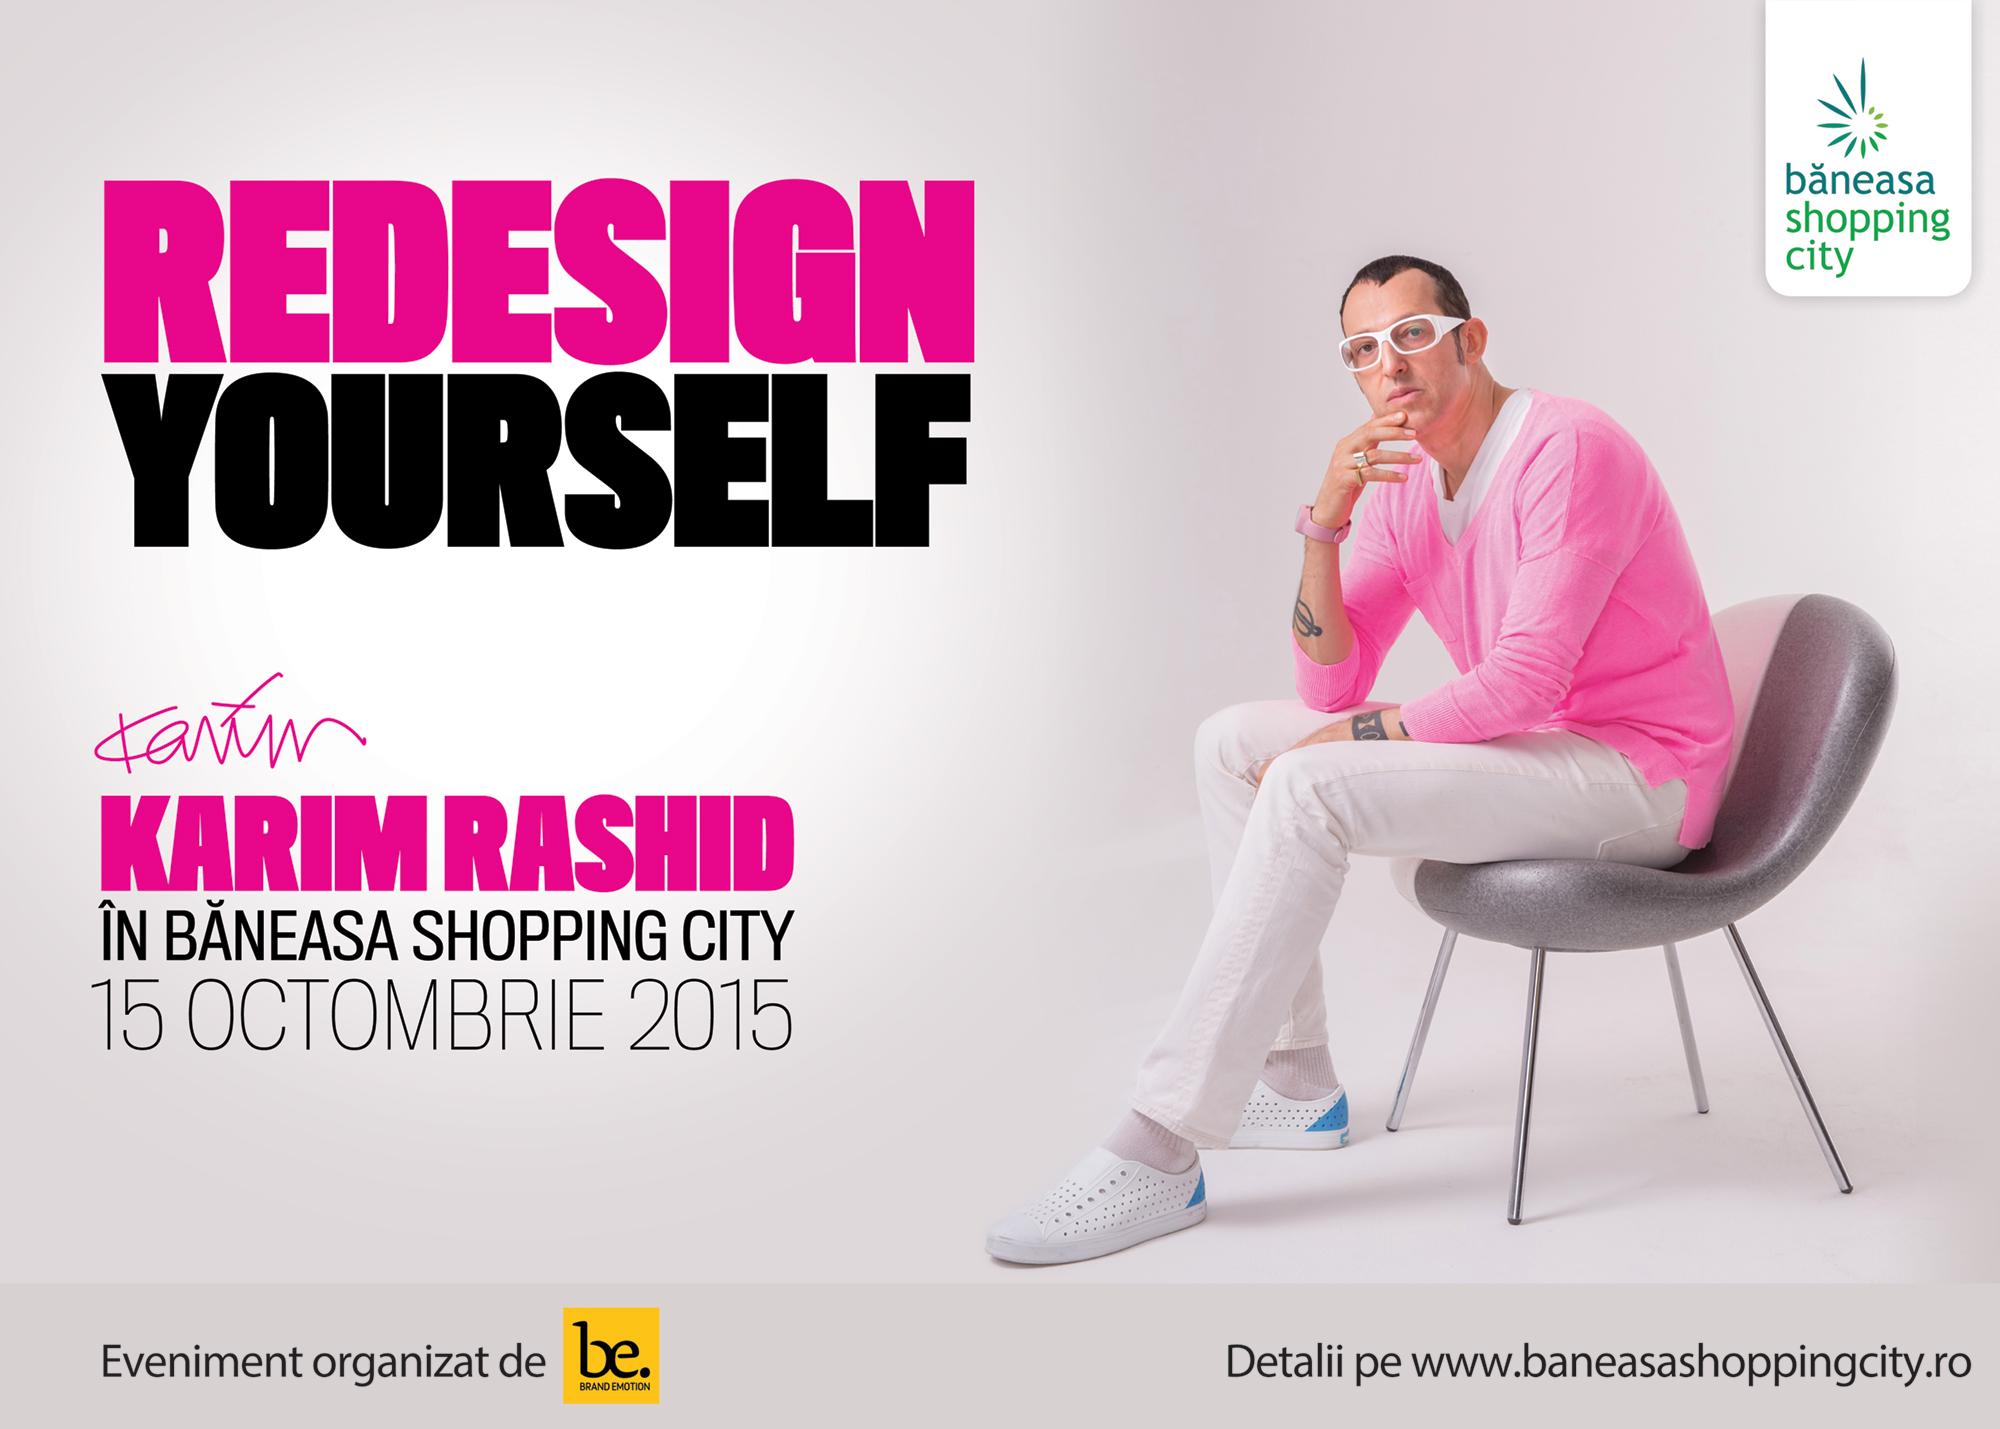 BSC_RY_Karim-Rashid_OOH-3,5x2,5m-preview